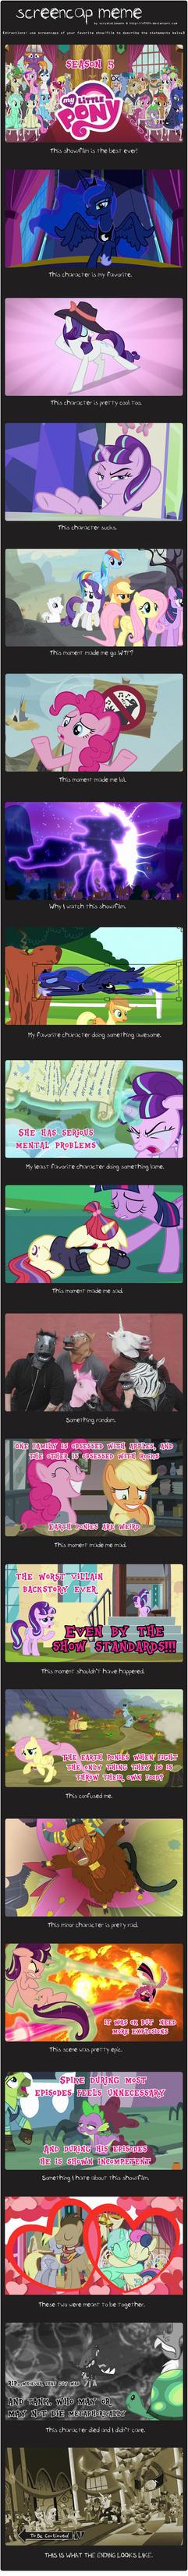 MLP SEASON 5: Screencap Meme by Eriarte